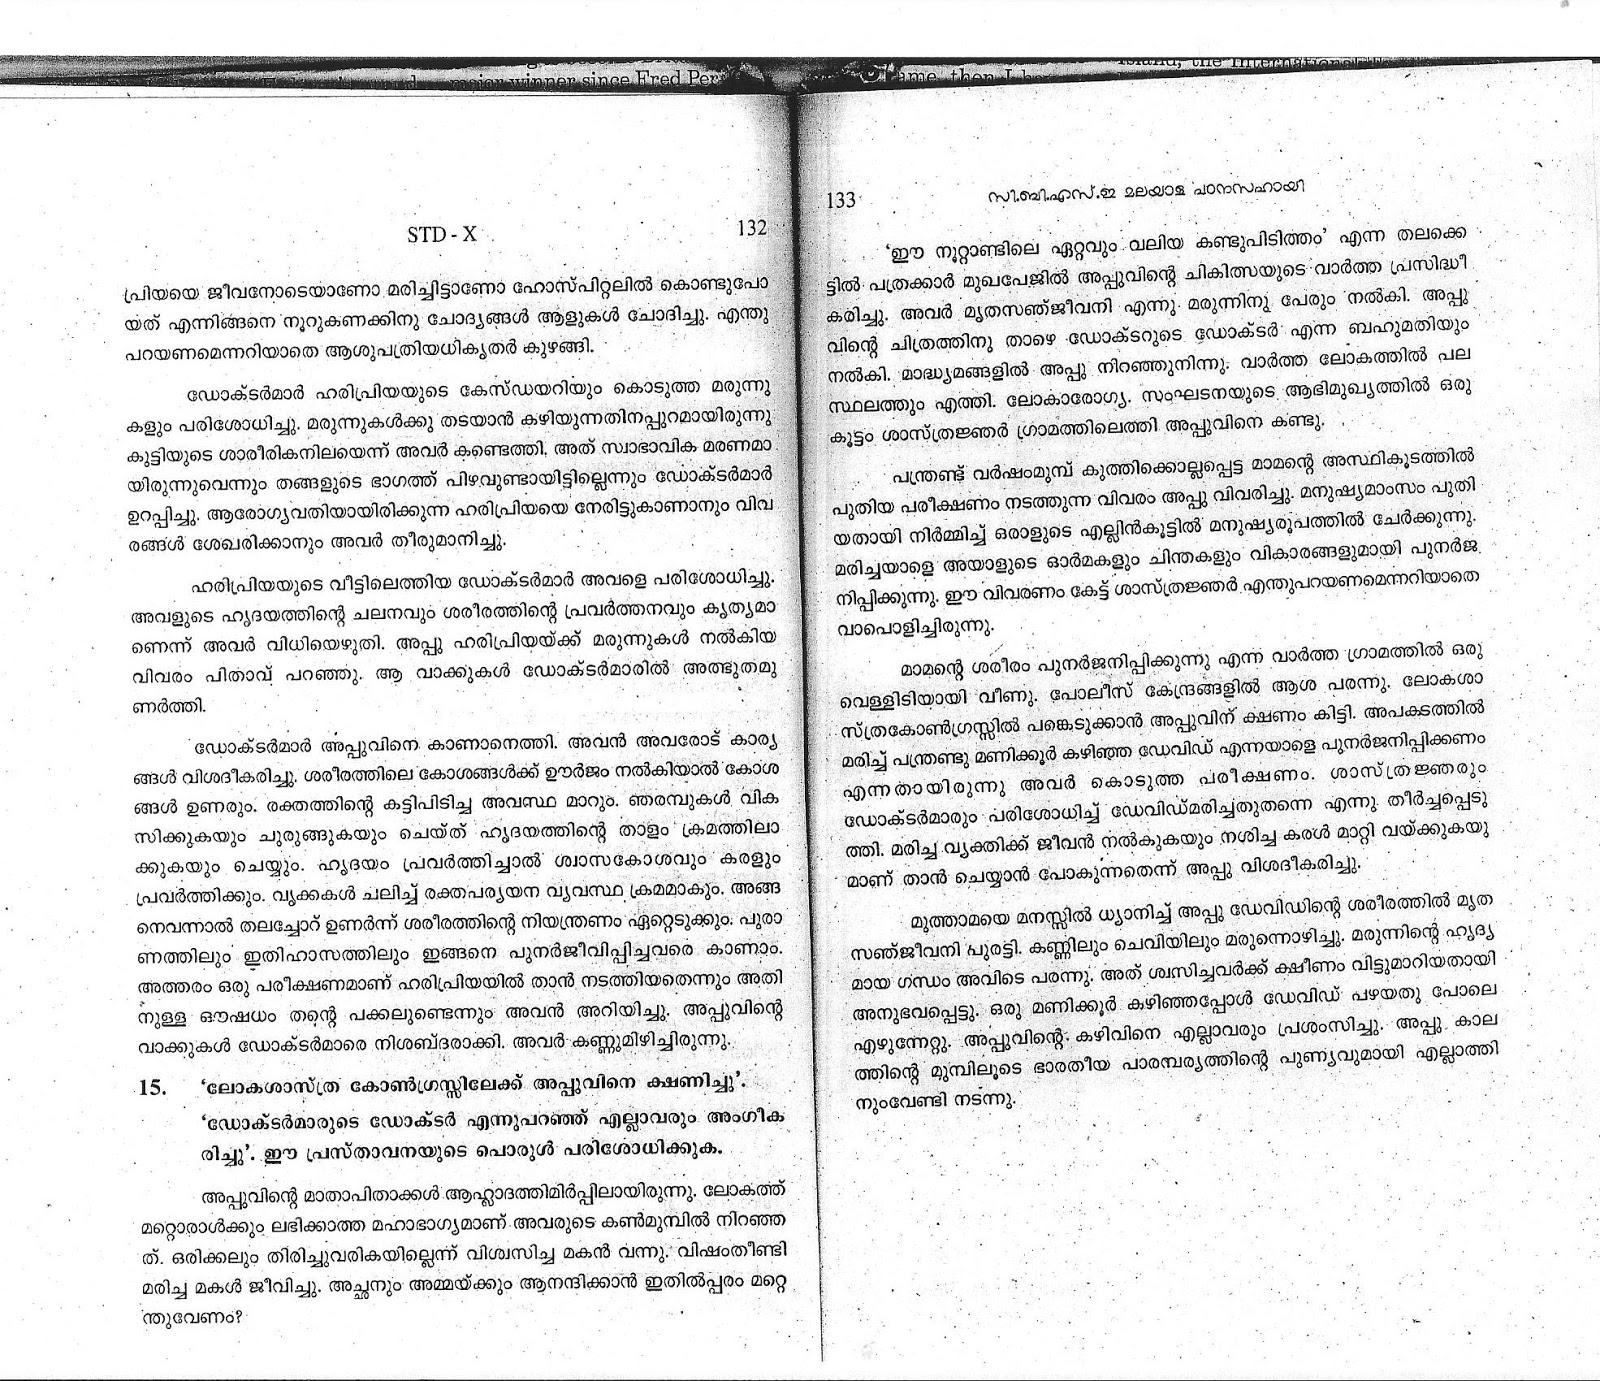 malayalam essays in malayalam language wikipedia